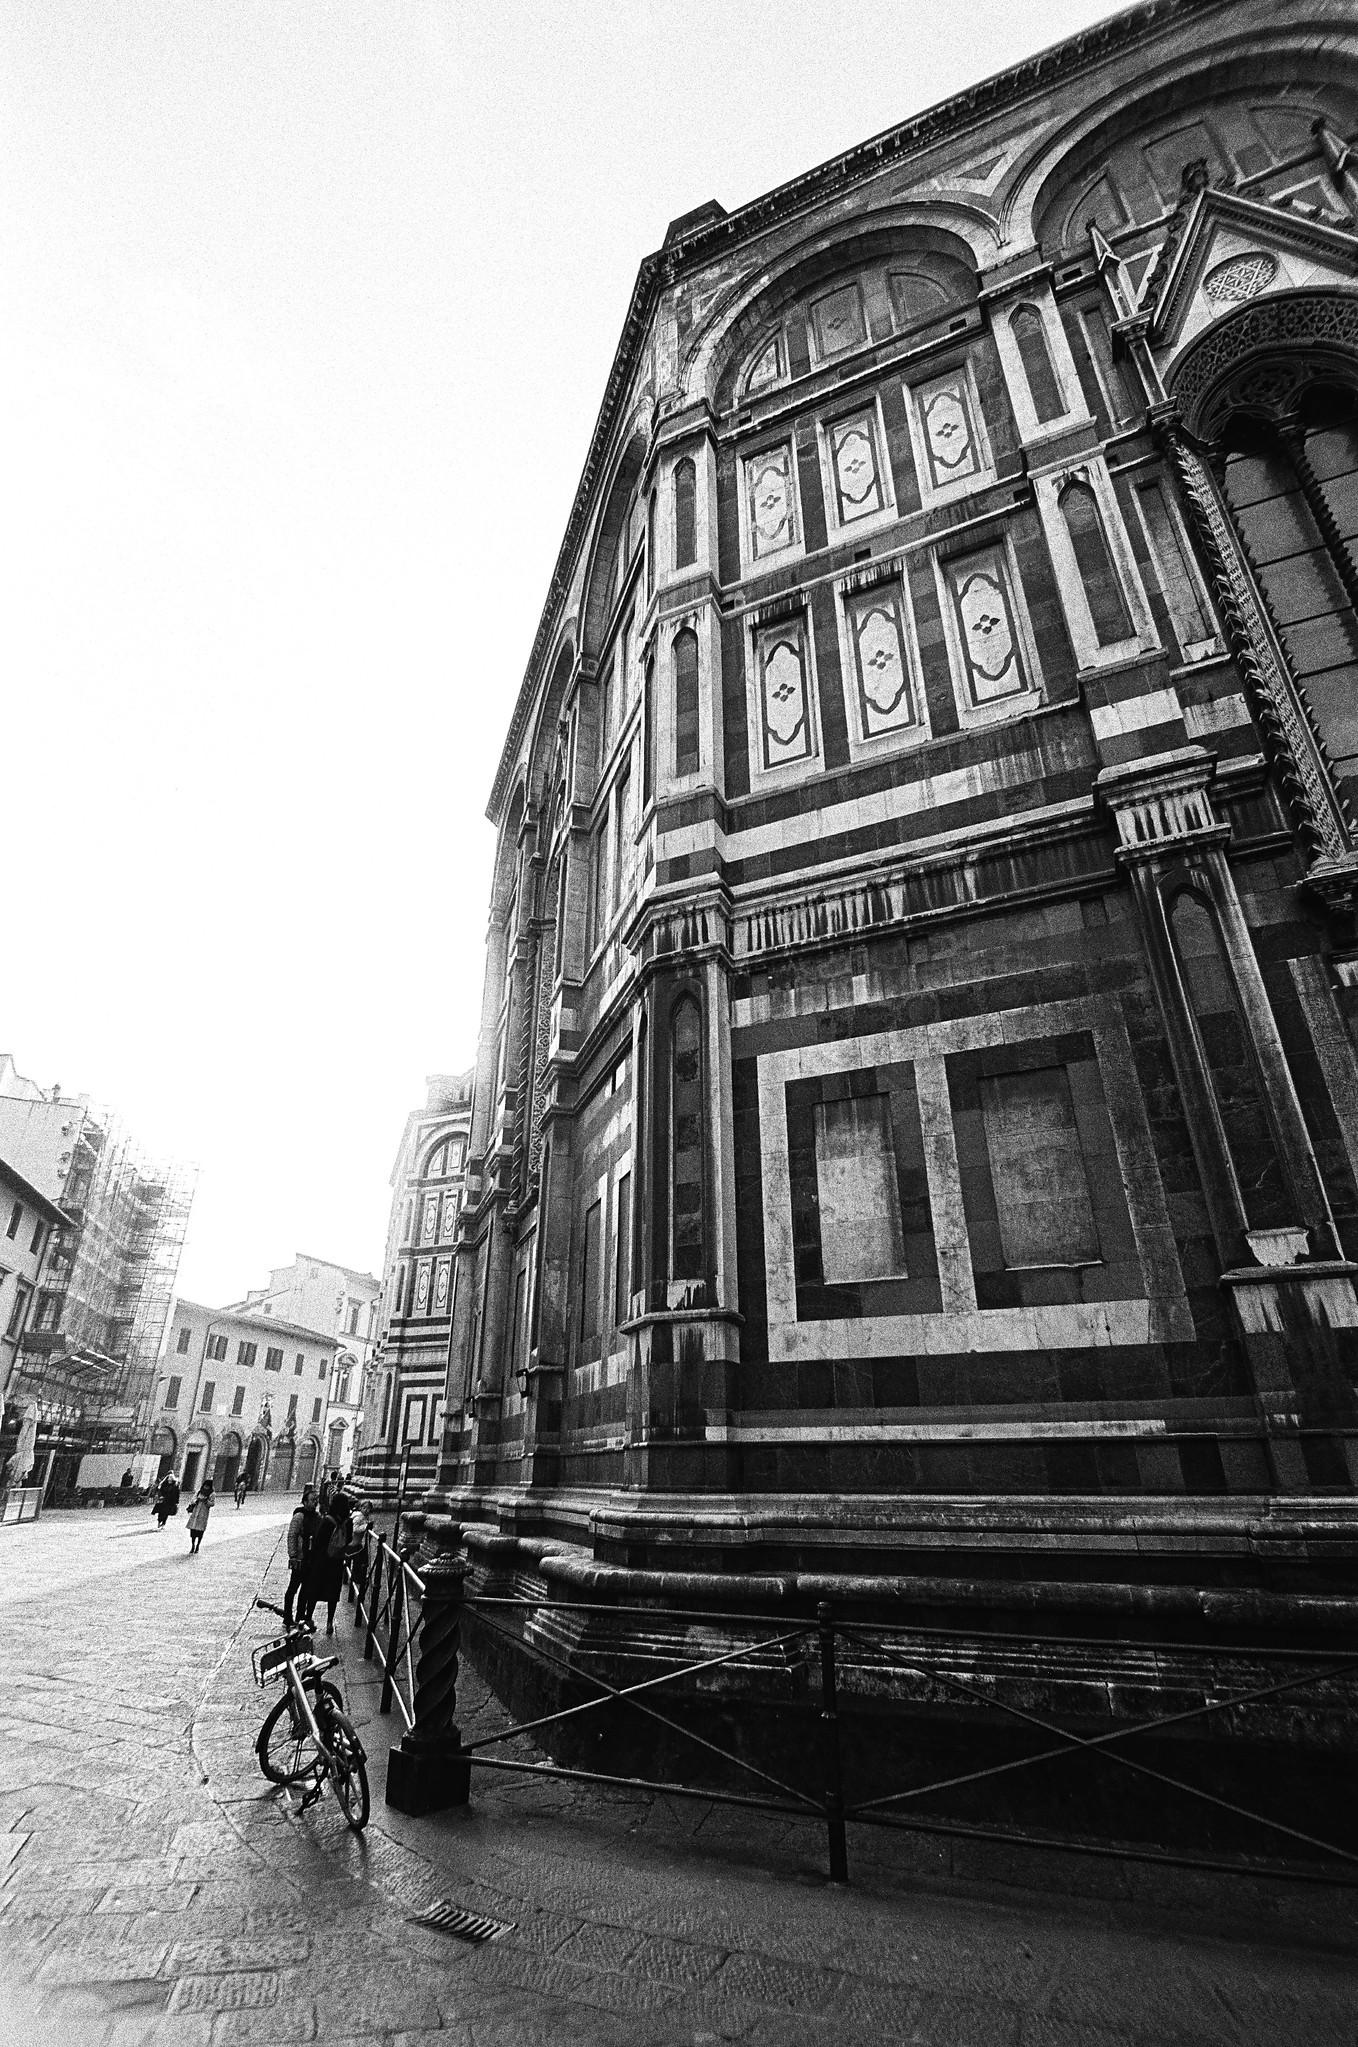 Duomo and Bike